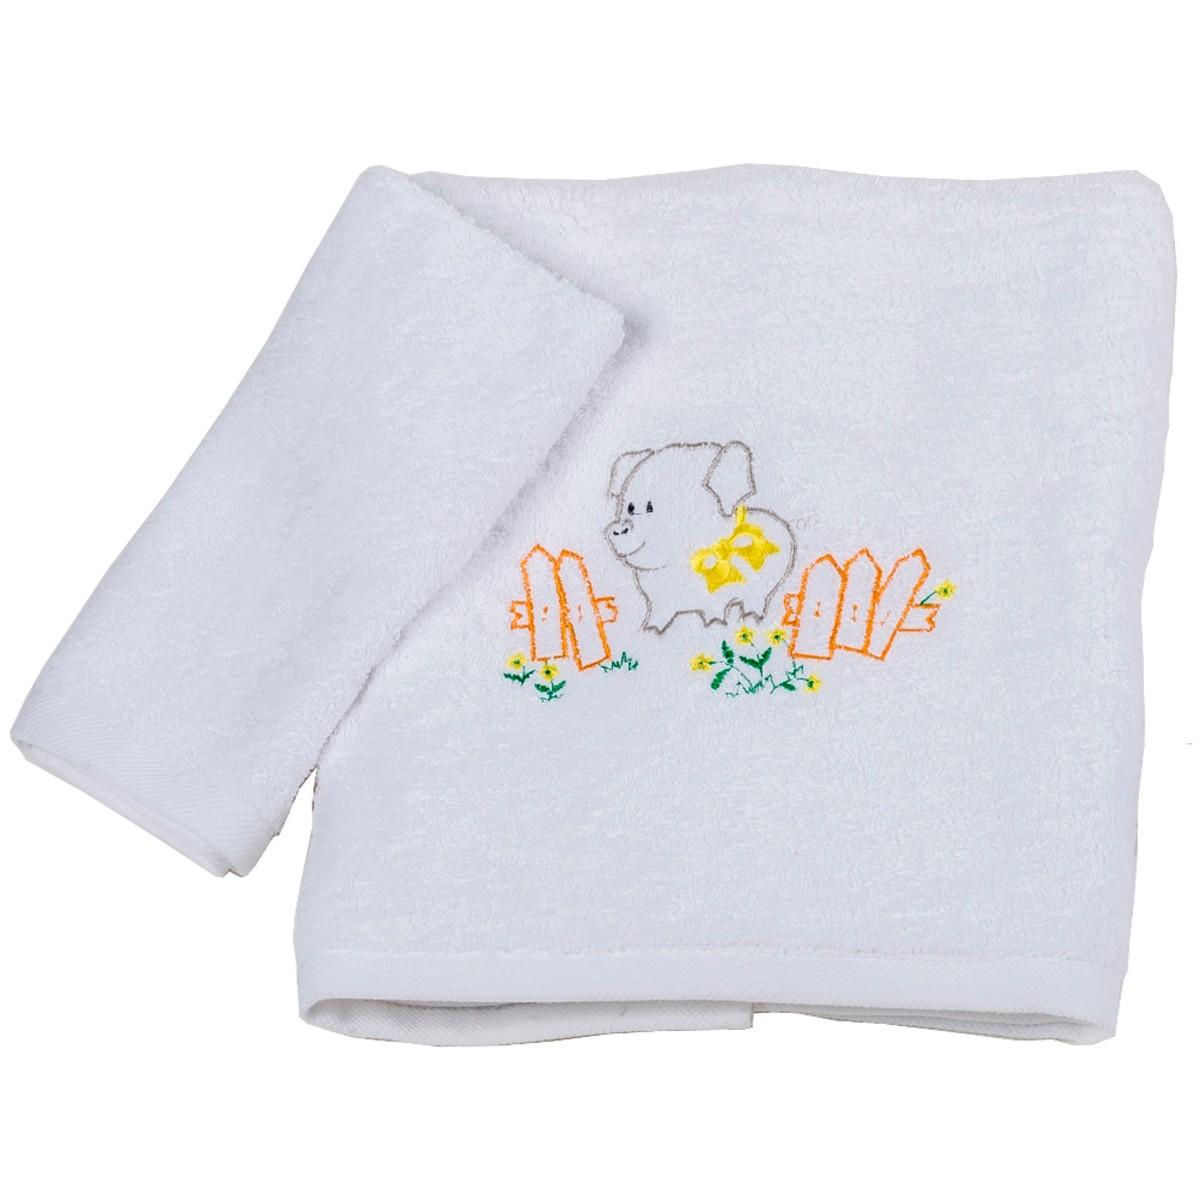 Βρεφικές Πετσέτες (Σετ 2τμχ) Κόσμος Του Μωρού Pig 0502 Γκρι